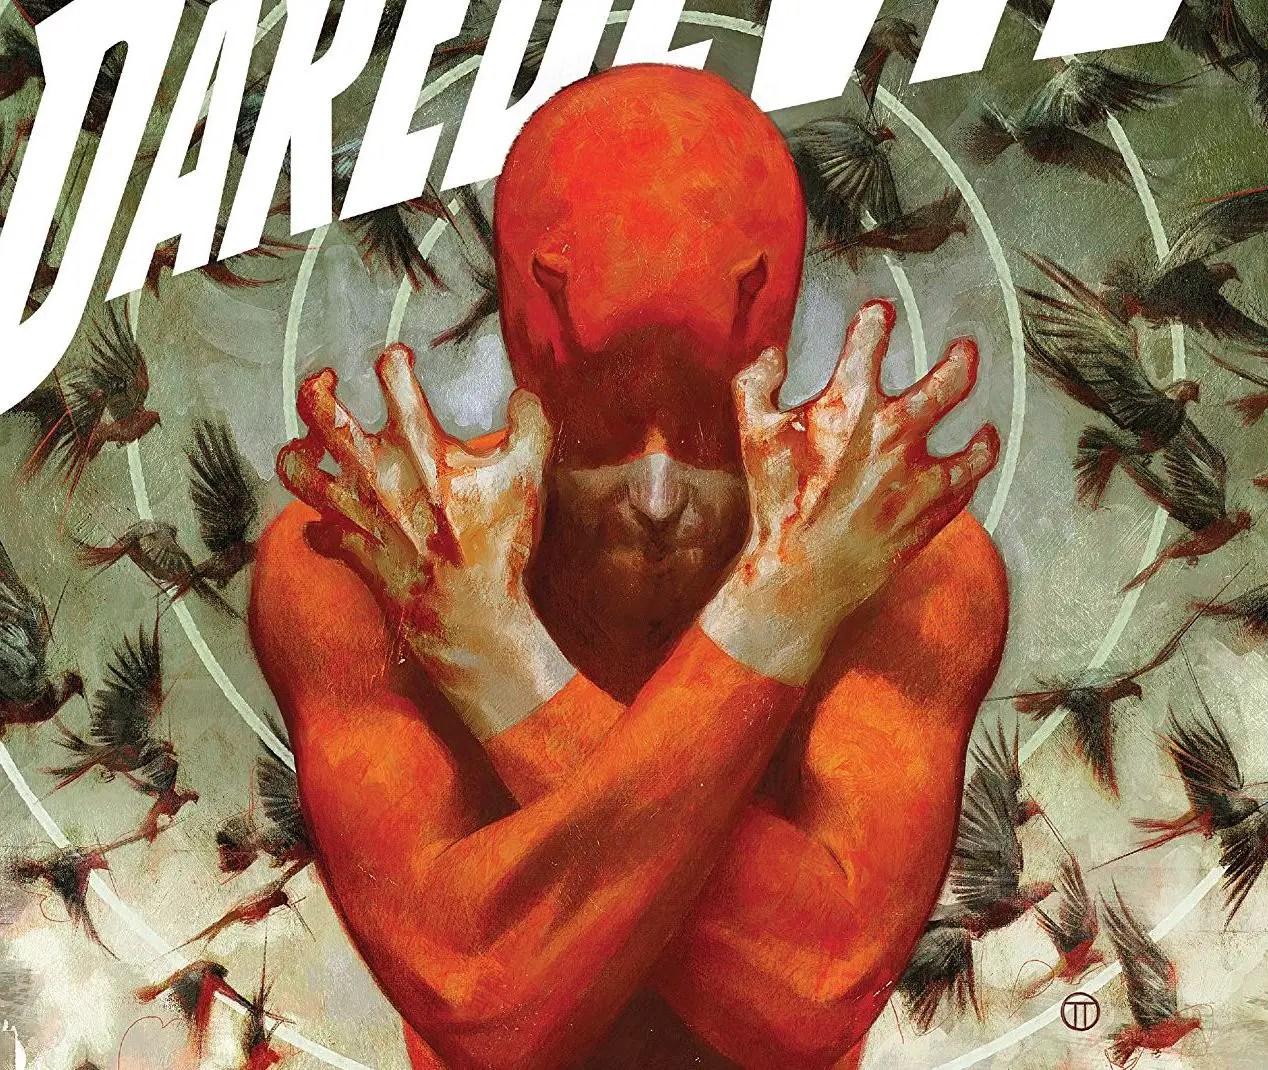 Daredevil: Fearless Origins Review